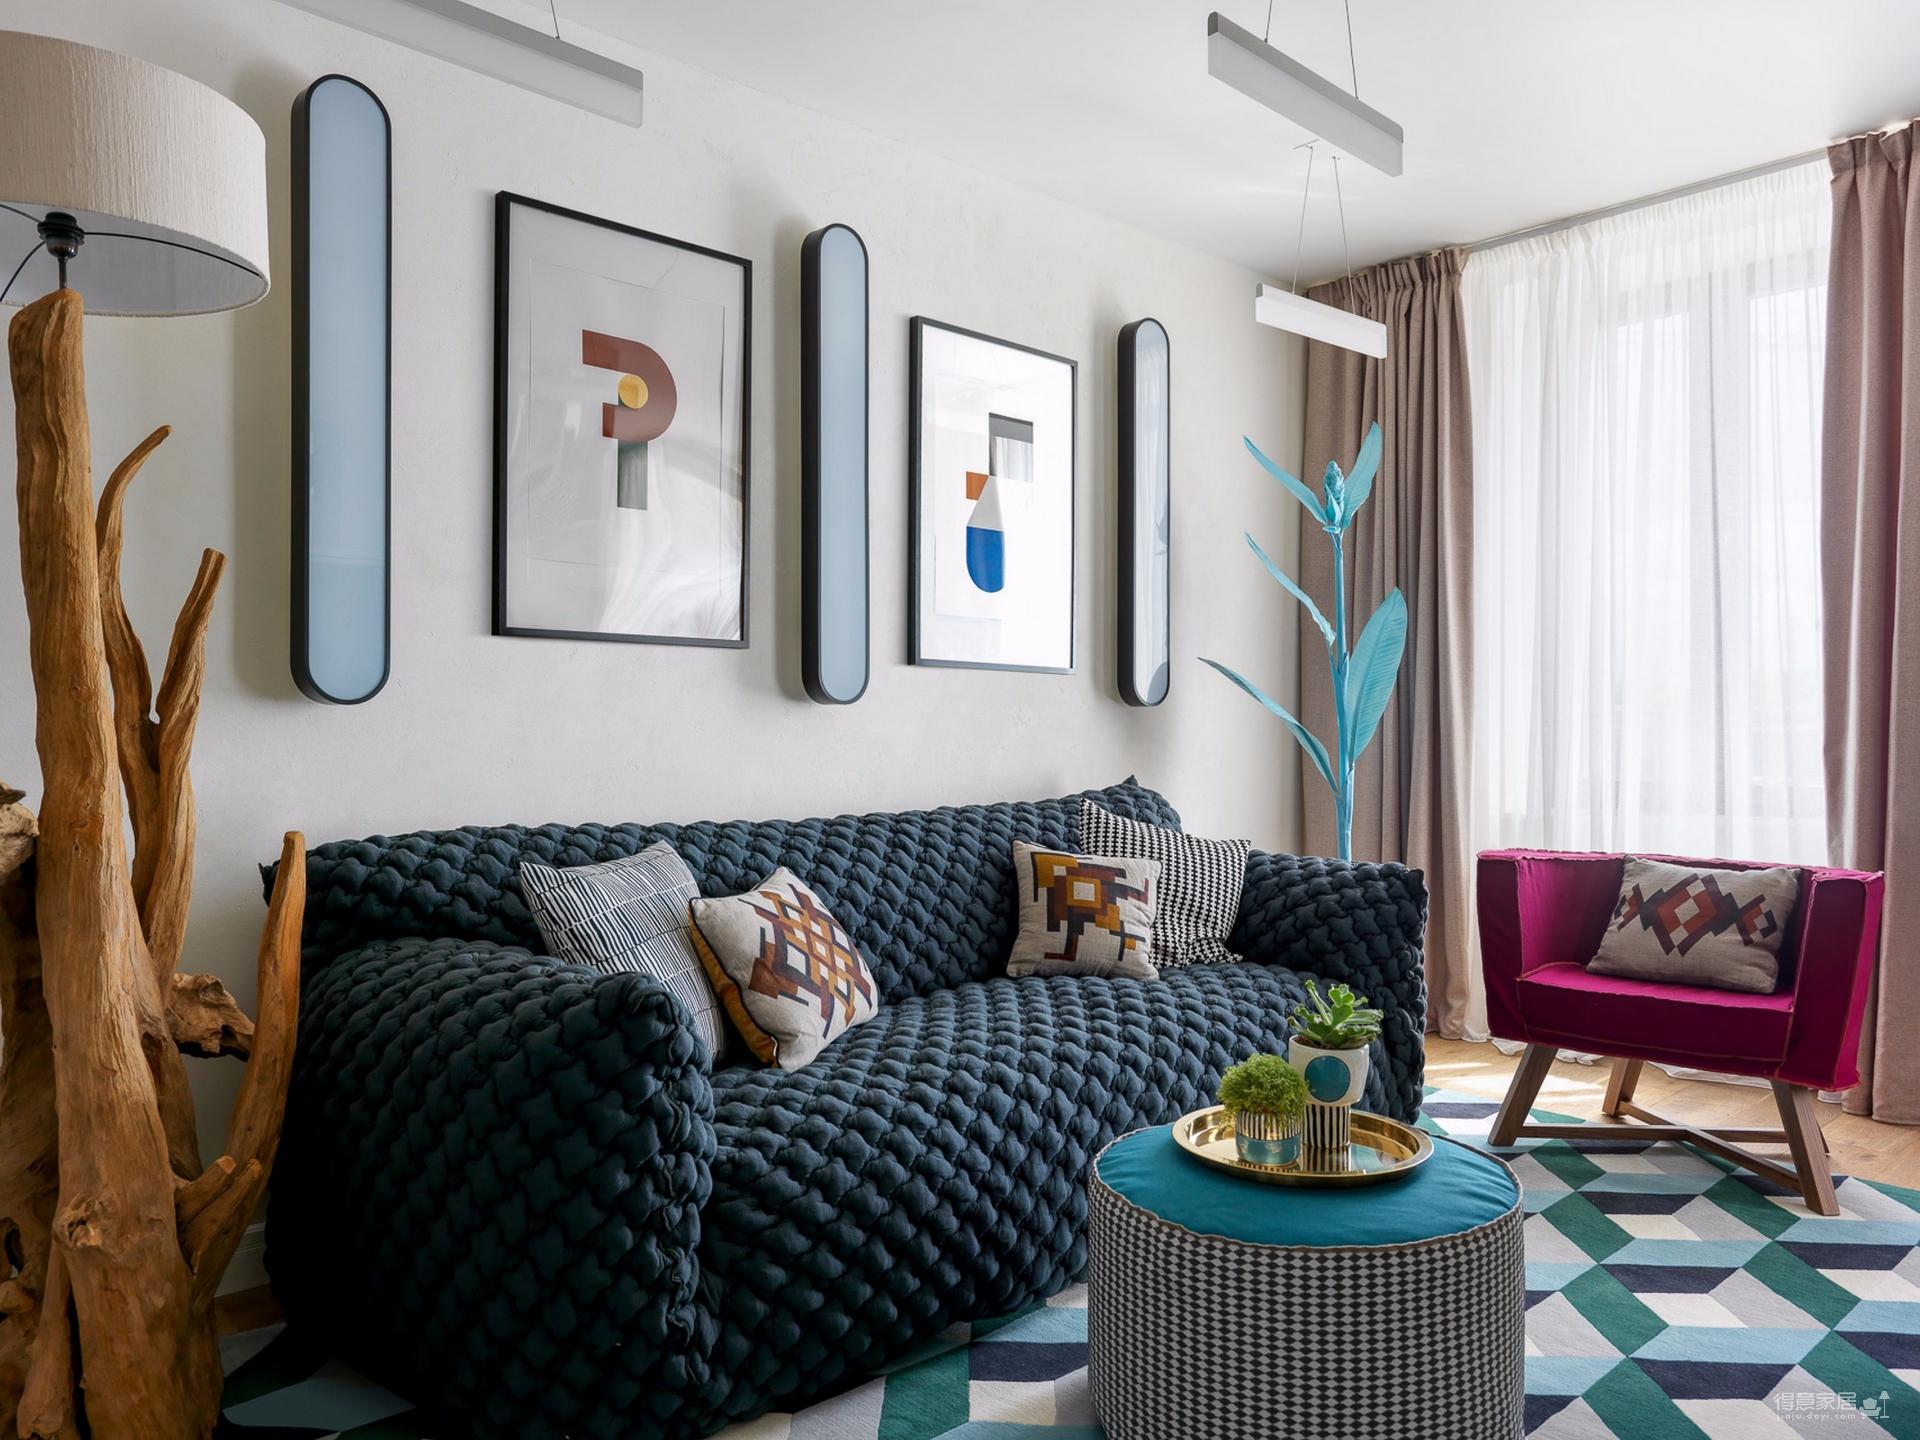 70平方米公寓拥有民族风格的装饰